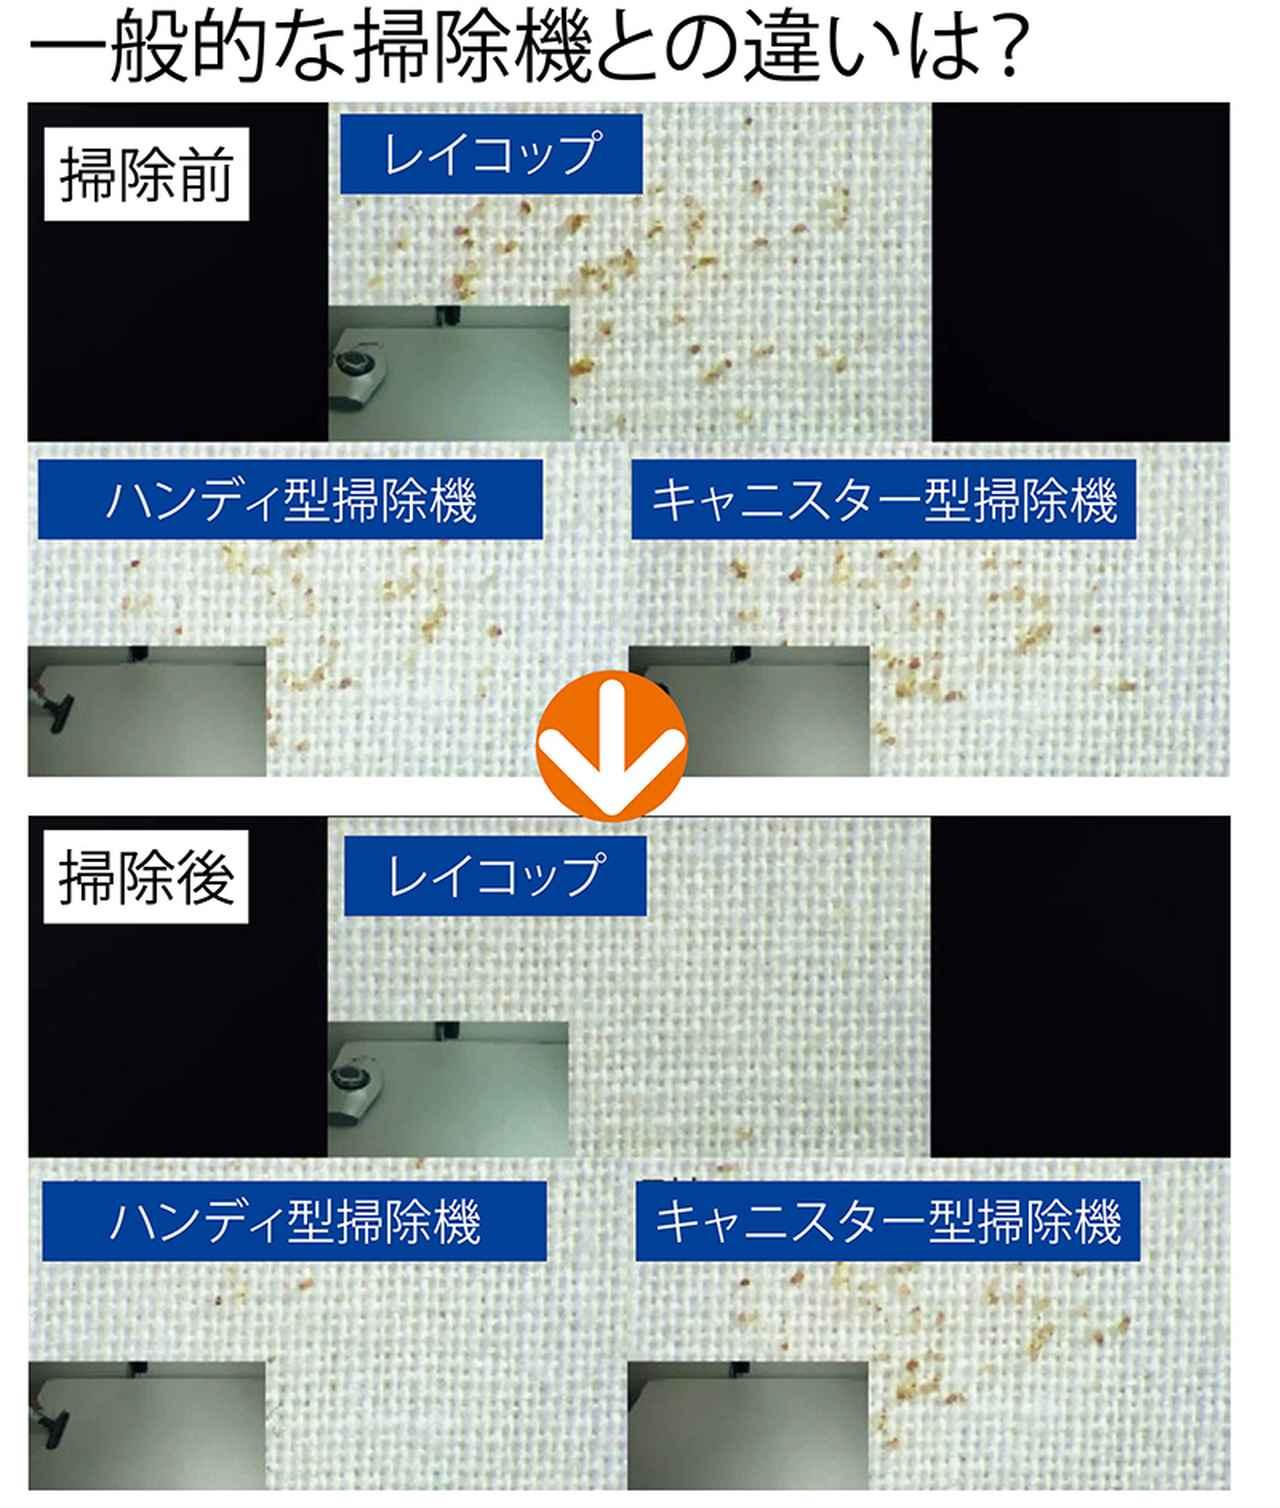 画像: ふとん用ヘッドを装着した他社の掃除機との比較動画(レイコップ調べ。URLは欄外)の一場面。ハンディ型やキャニスター型の掃除機に比べ、1回の往復で効率よくダニを吸引している。レイコップは旧型を使用。